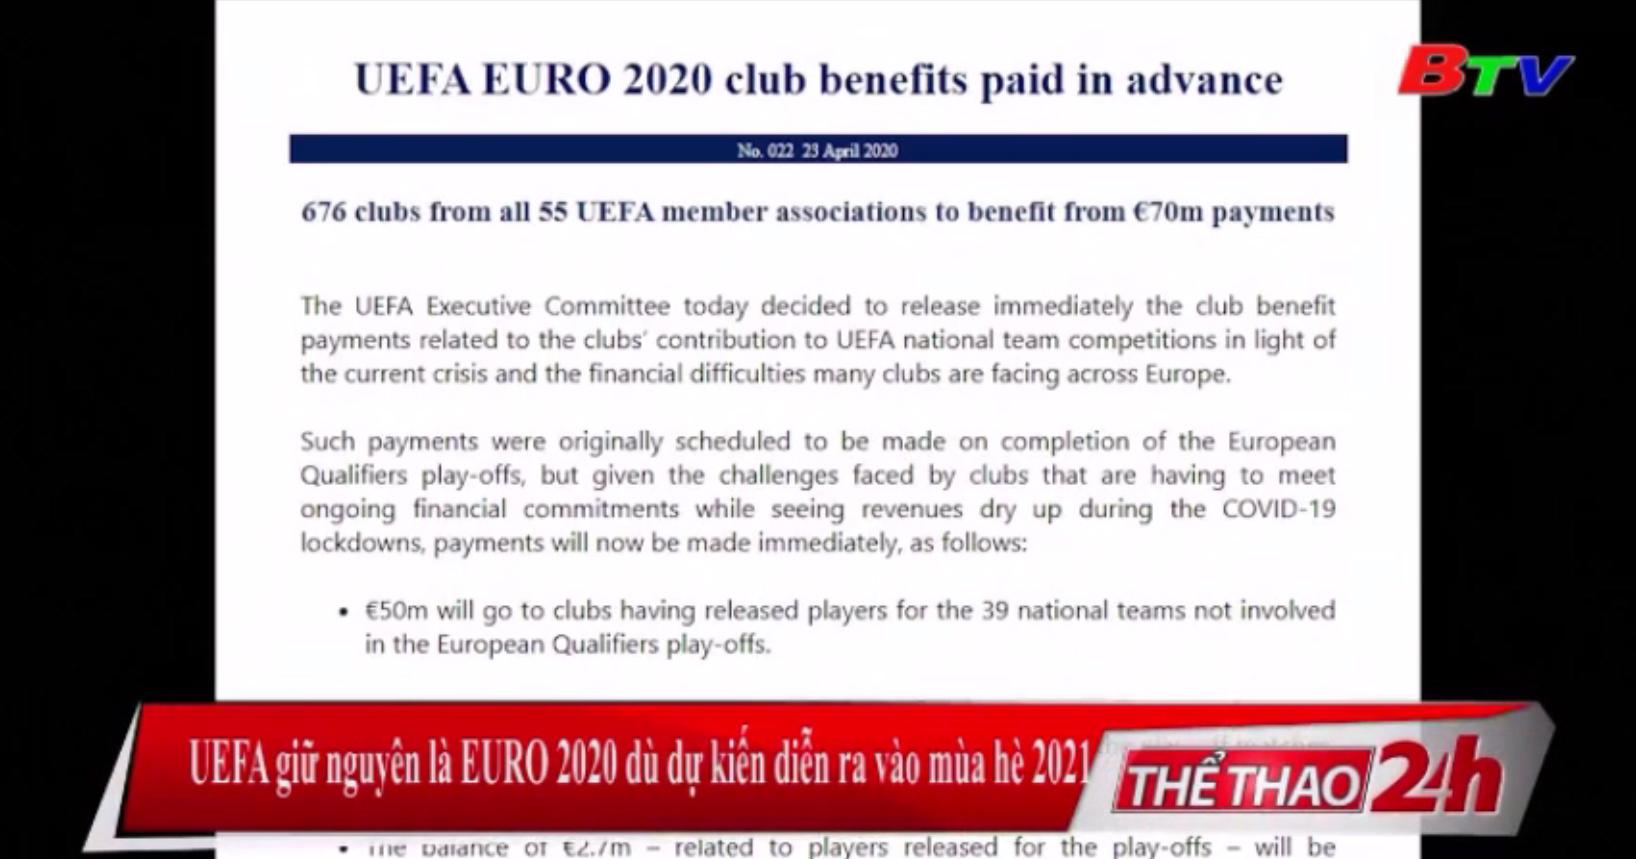 UEFA giữ nguyên là EURO 2020 dù dự kiến diễn ra vào mùa Hè 2021